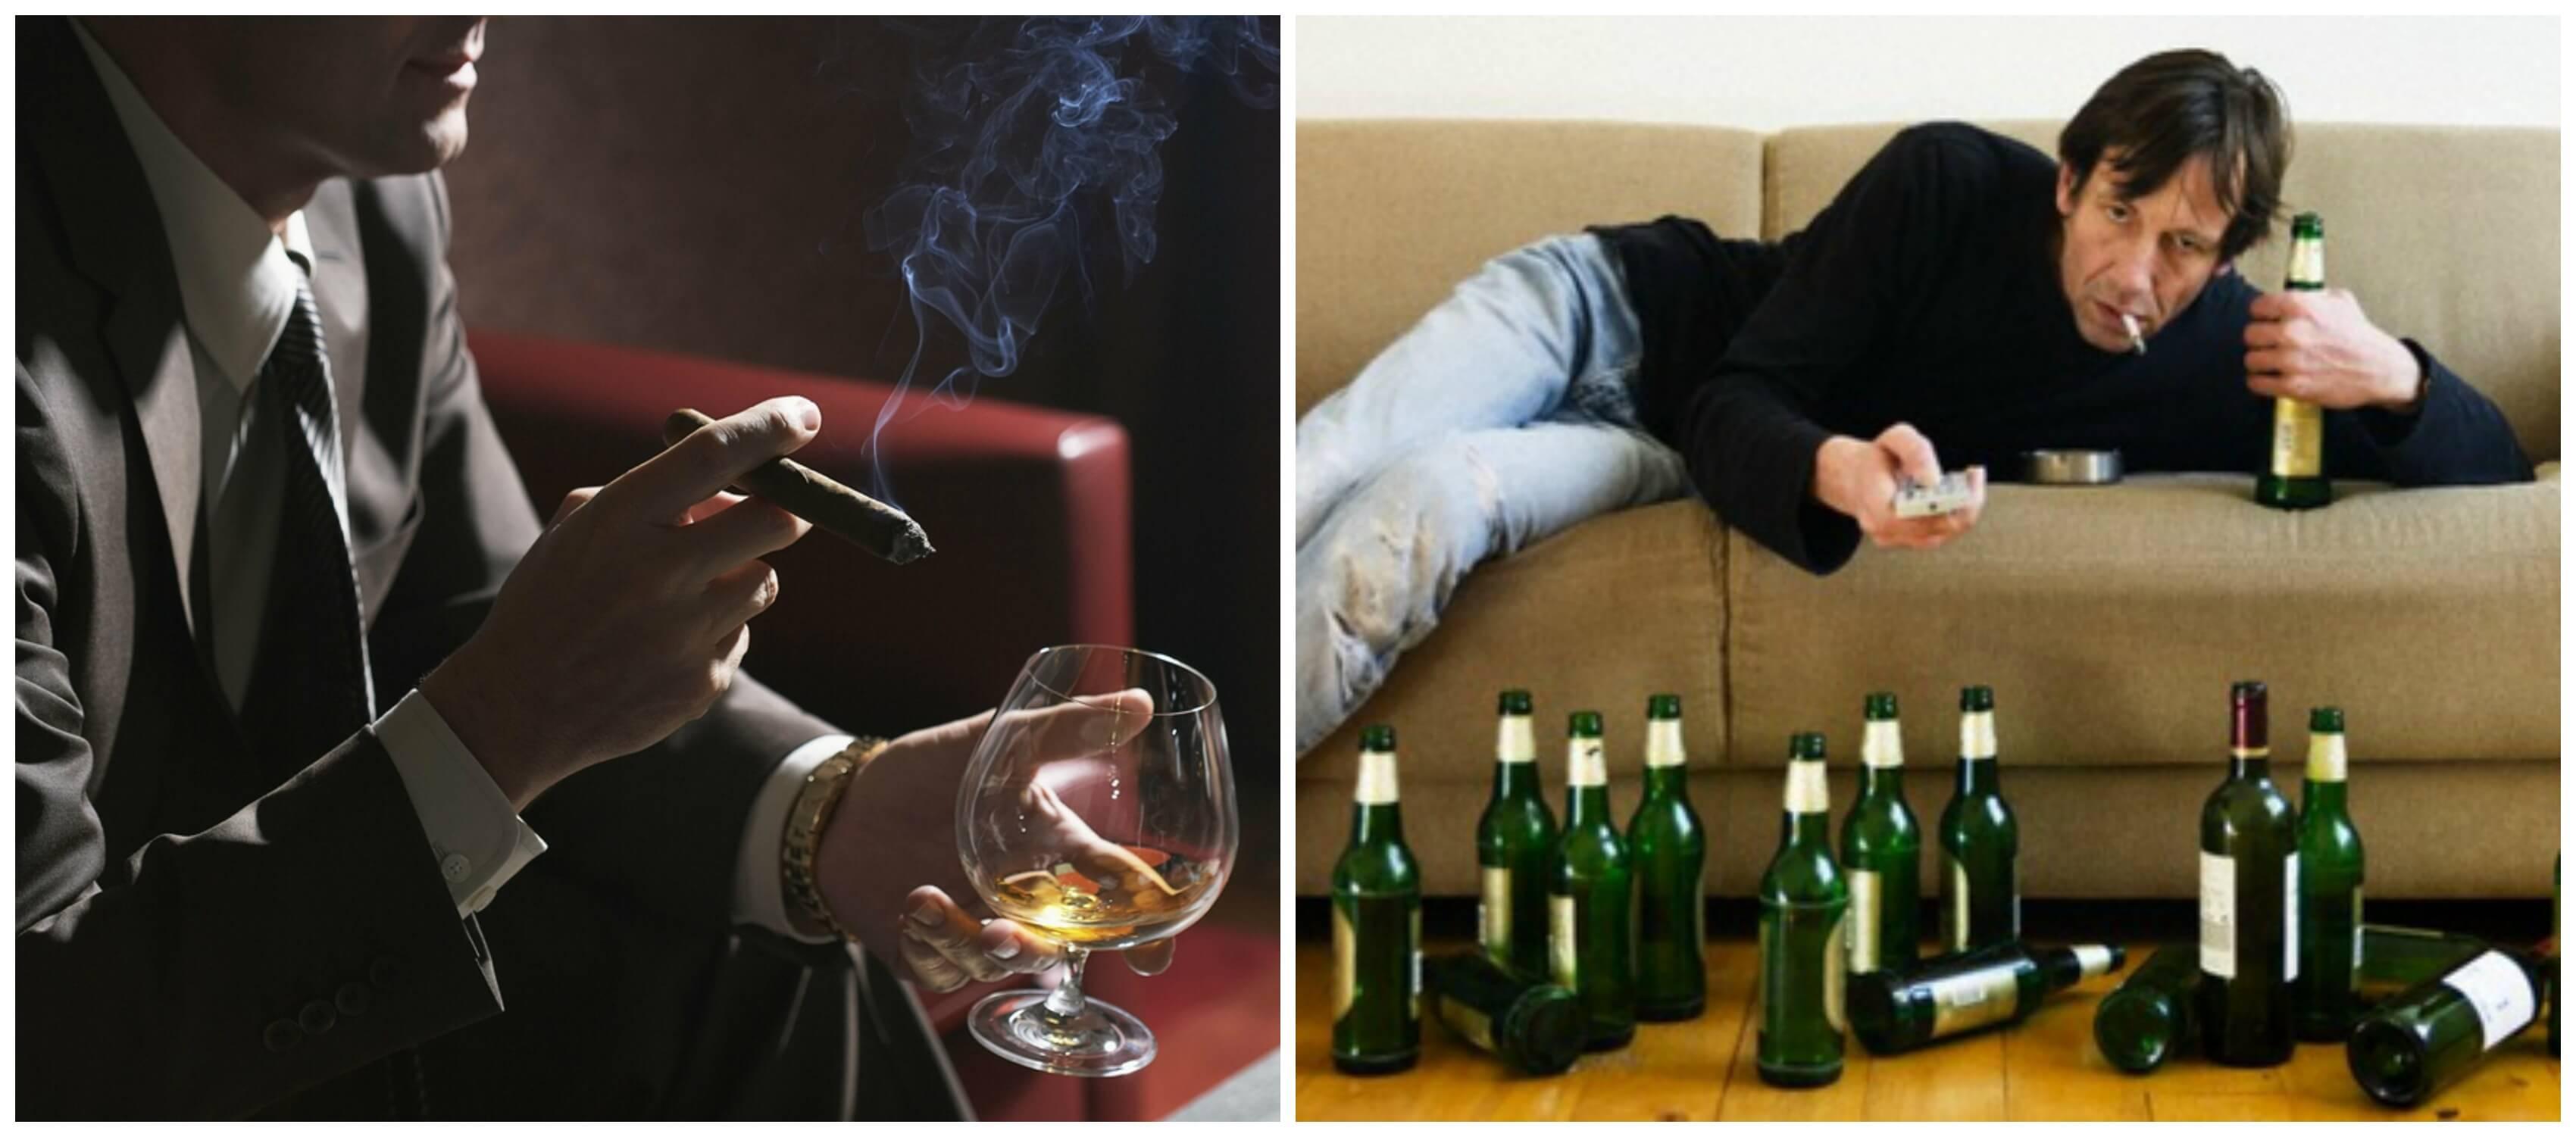 мужской алкоголизм влияет на зачатие ребенка